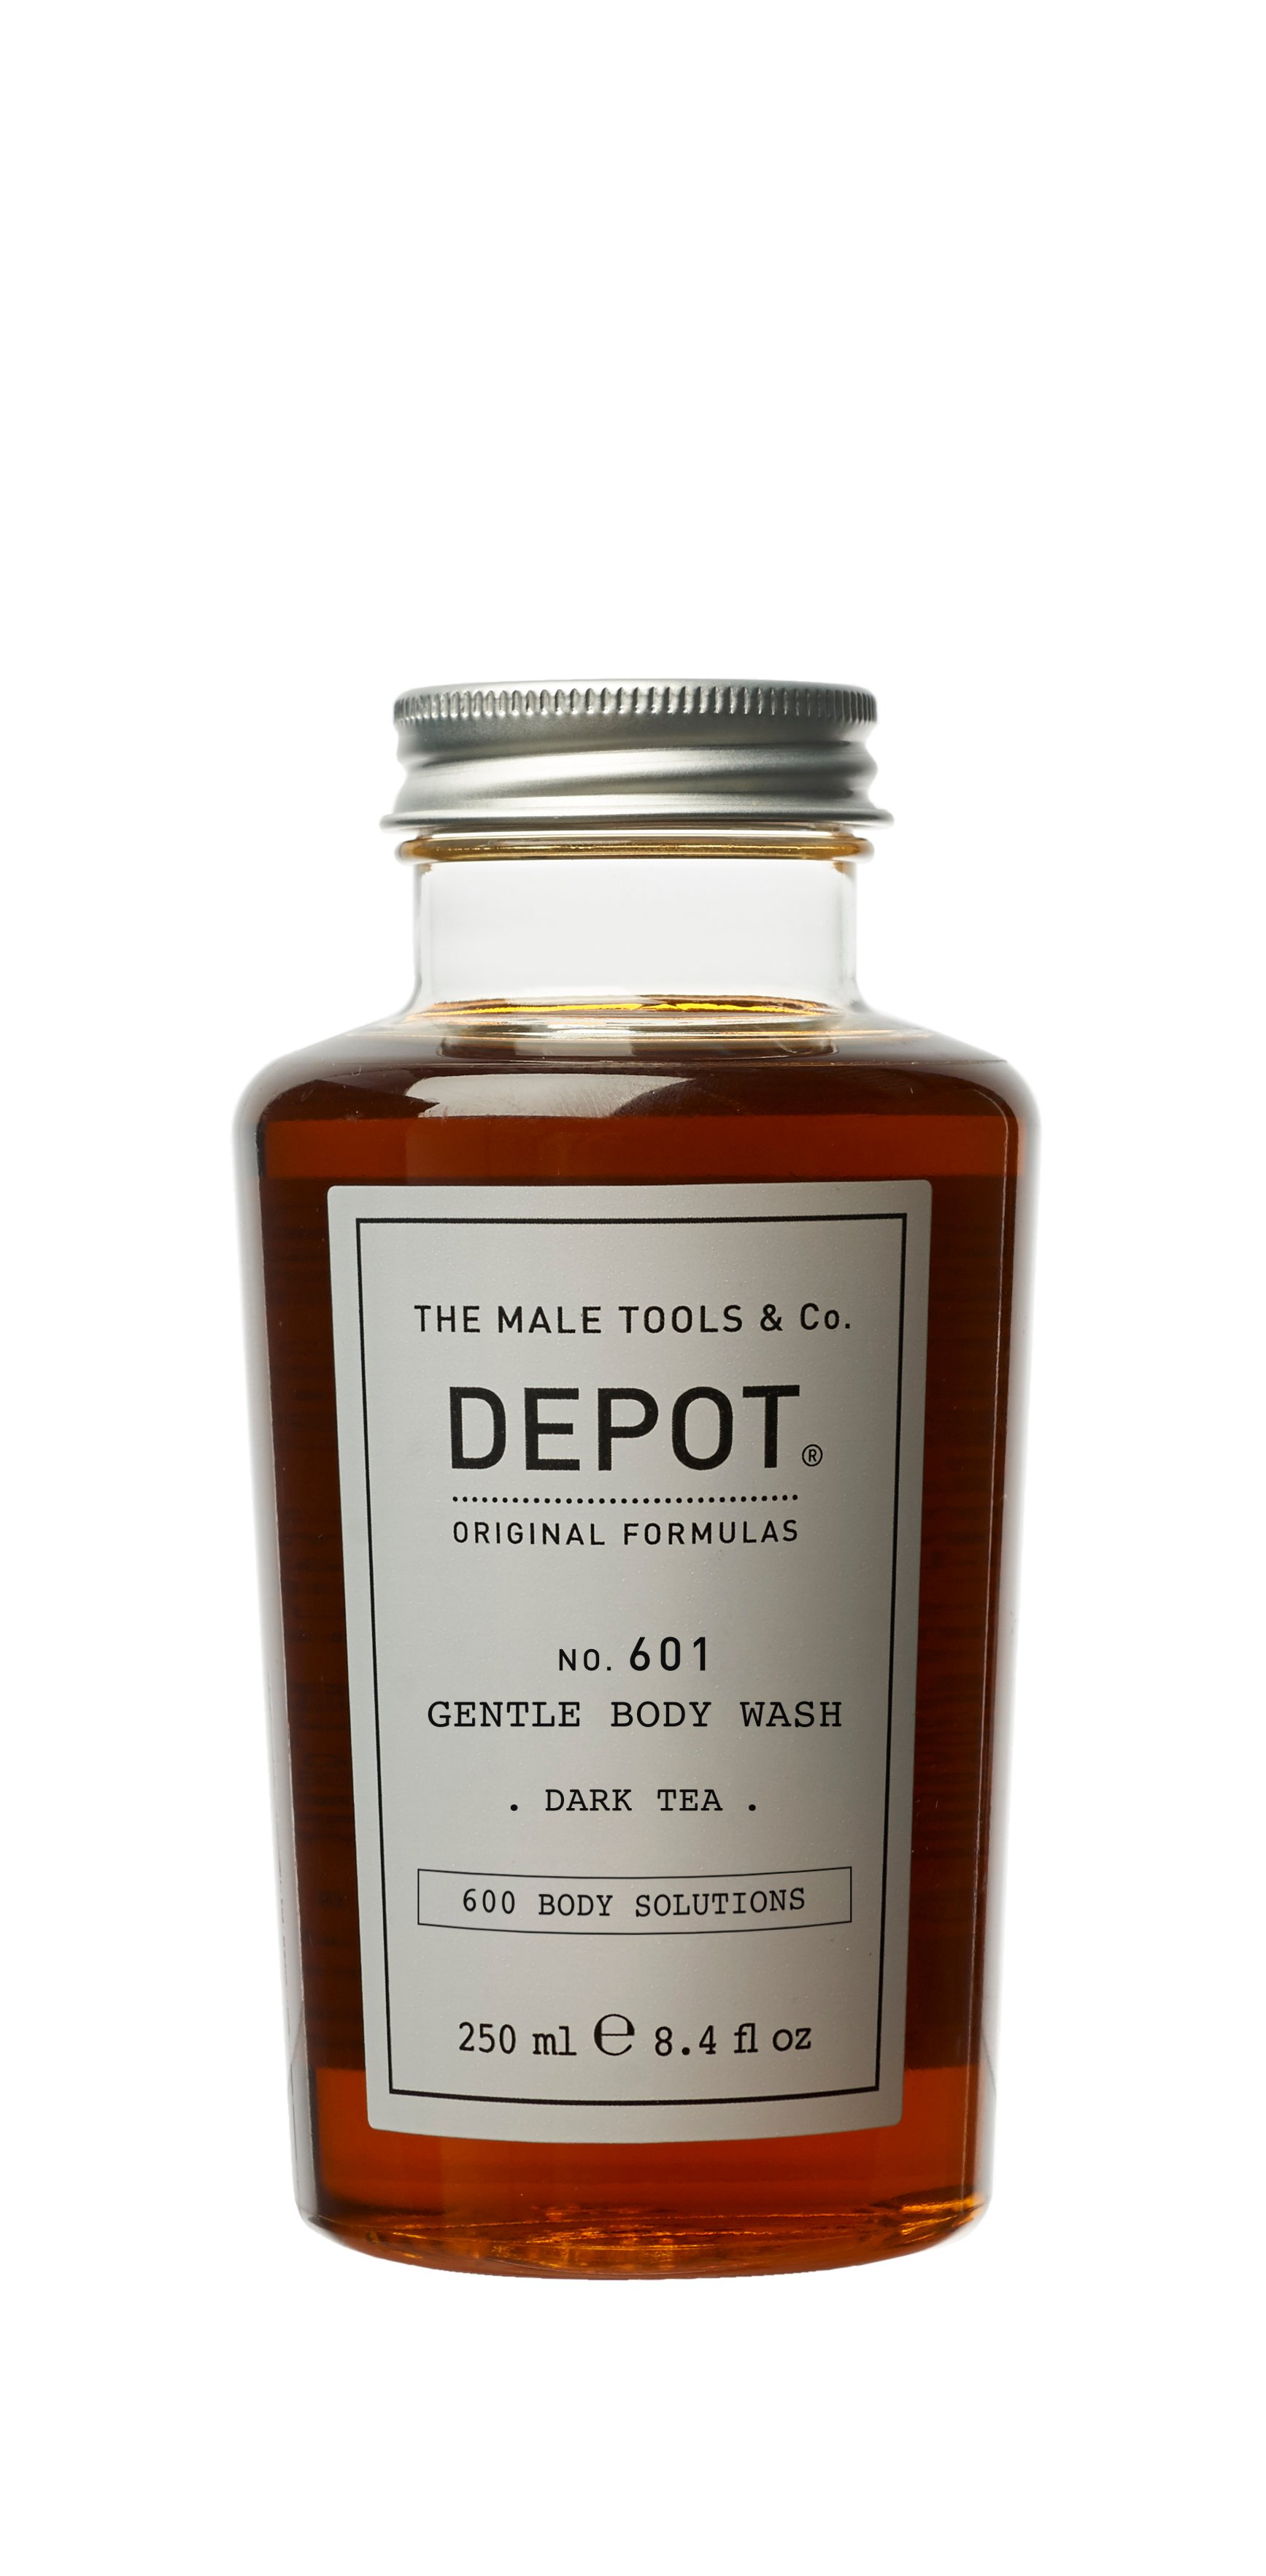 Depot - No. 601 Gentle Body Wash Dark Tea 250 ml